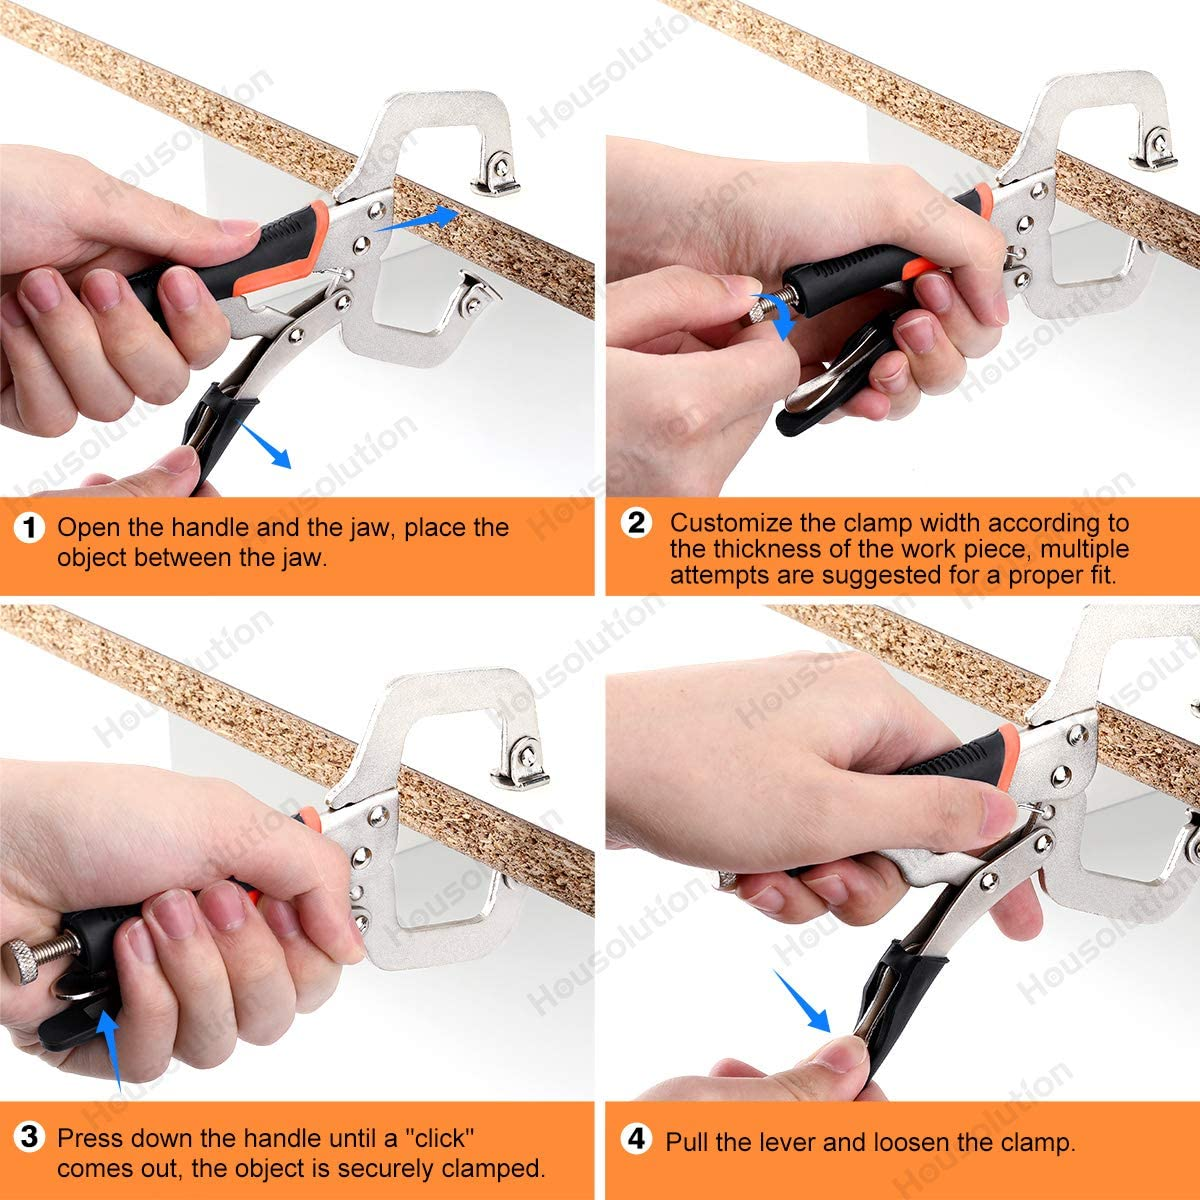 Outil de Serrage Antirouille pour Menuiserie de Bricolage dans la Maison ou lAtelier Bleu 2 PCS Kit de Pince-/Étau Robuste de 9 Pouces Jaune Housolution Serre-Joint en Forme de C,